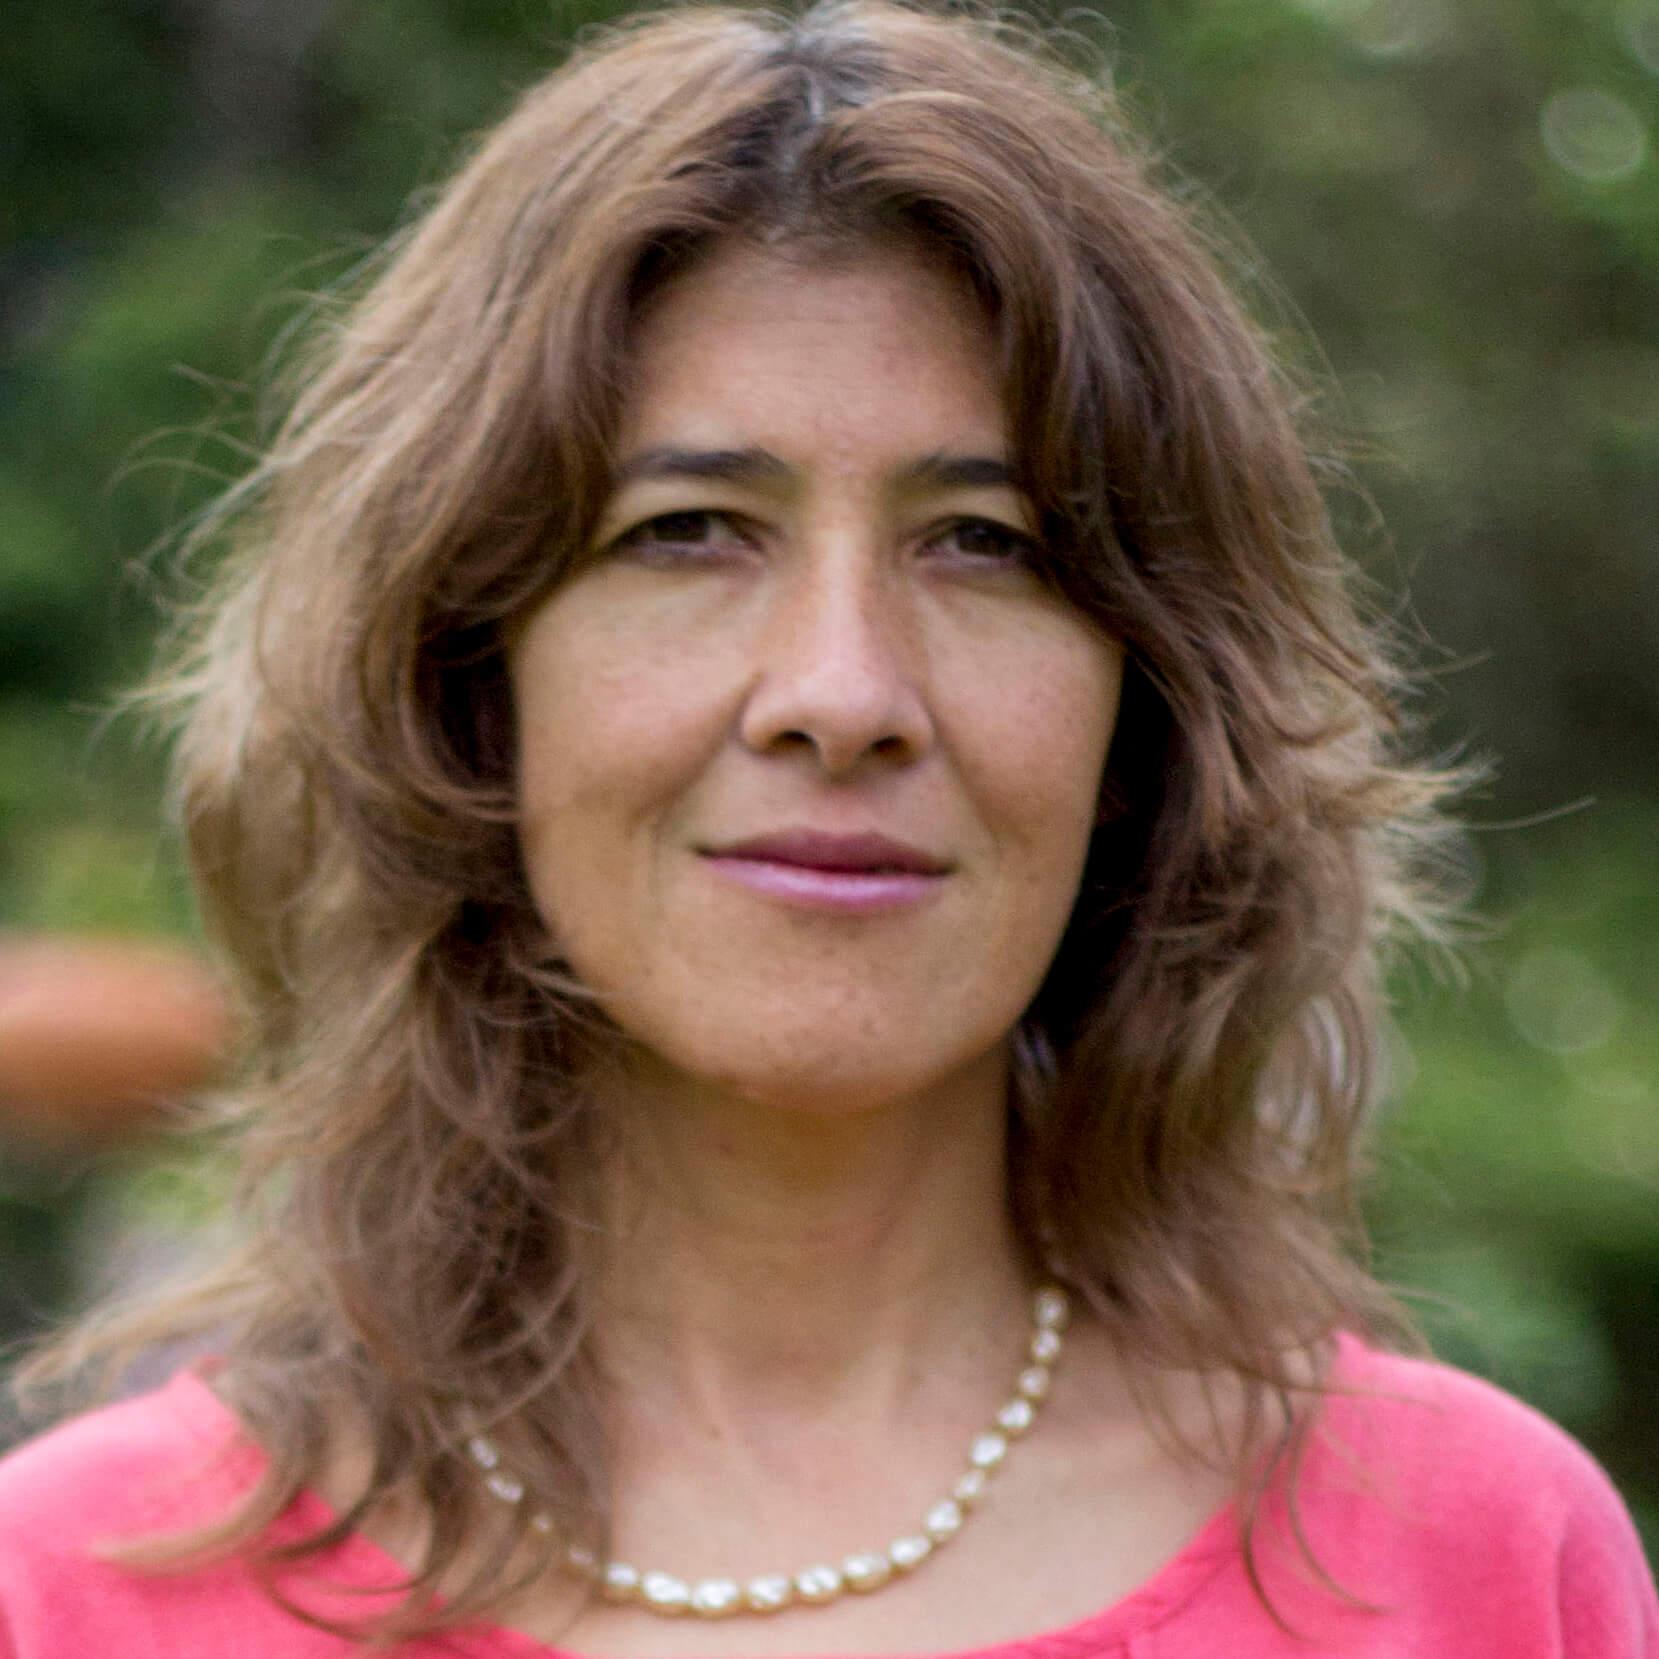 LauraLopez05